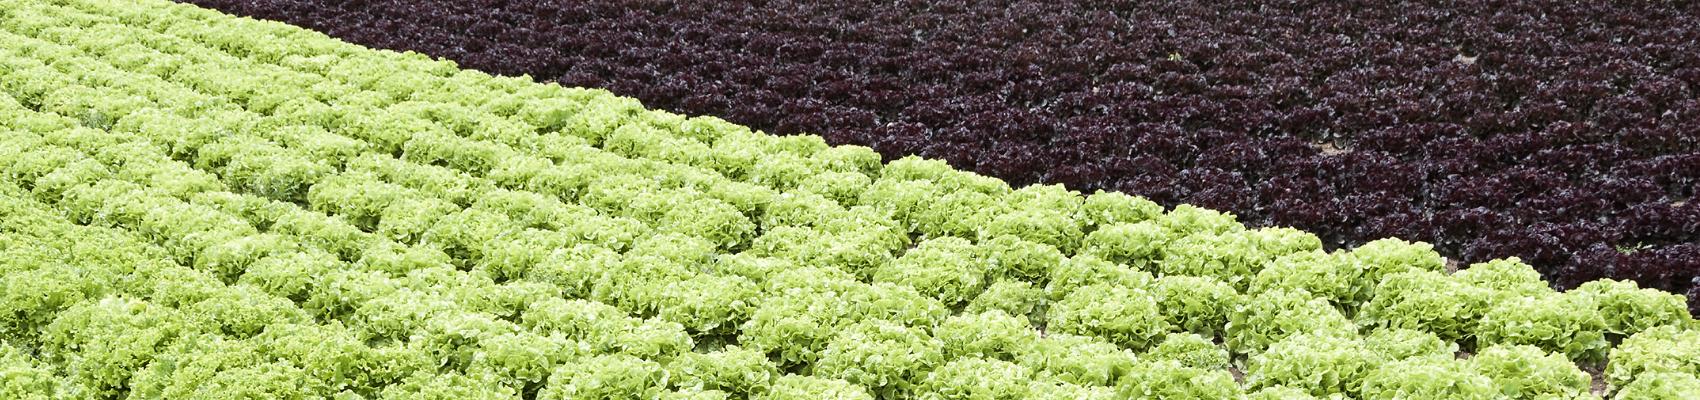 Lettuceback